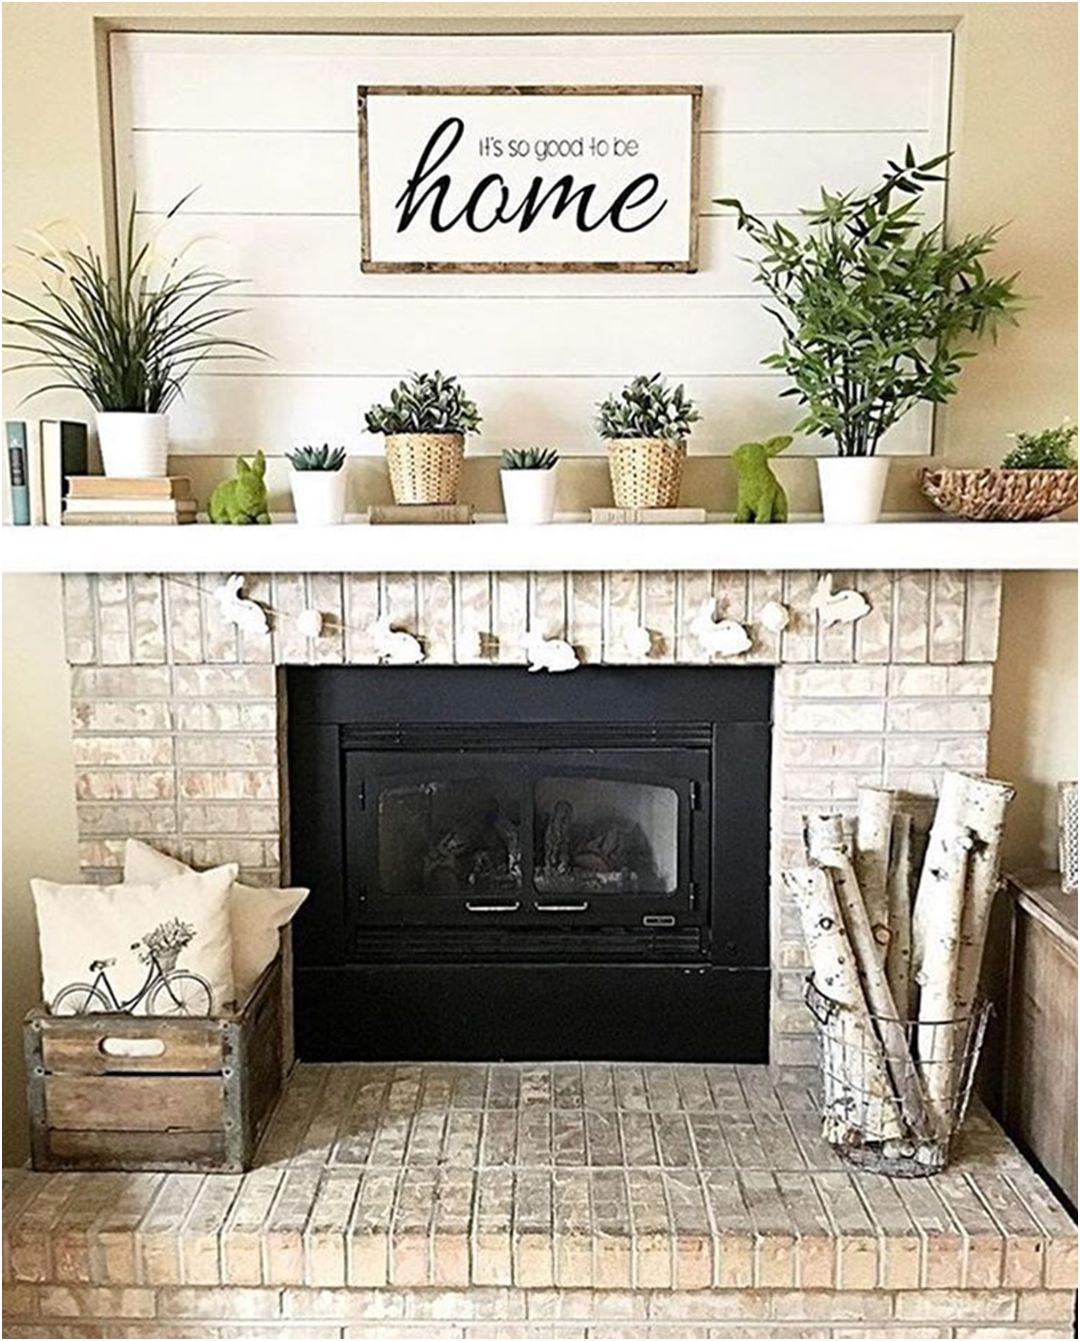 Fireplace Mantle Decorating Ideas Unique Farmhouse Fireplace Mantel Decor Decor It S